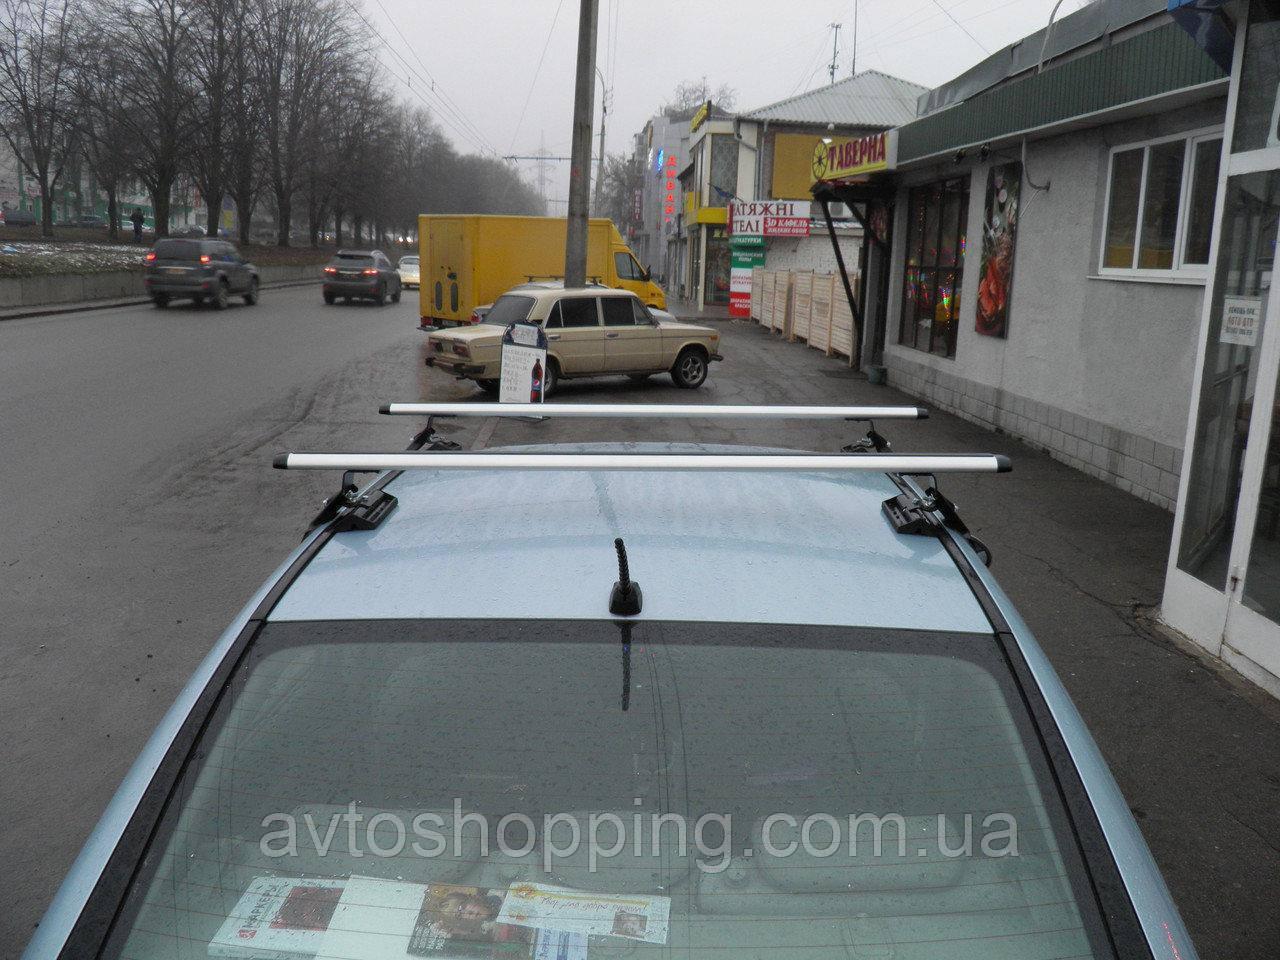 Багажник на крышу CAMEL - AERO для авто с гладкой крышей HYUNDAI ACCENT акцент